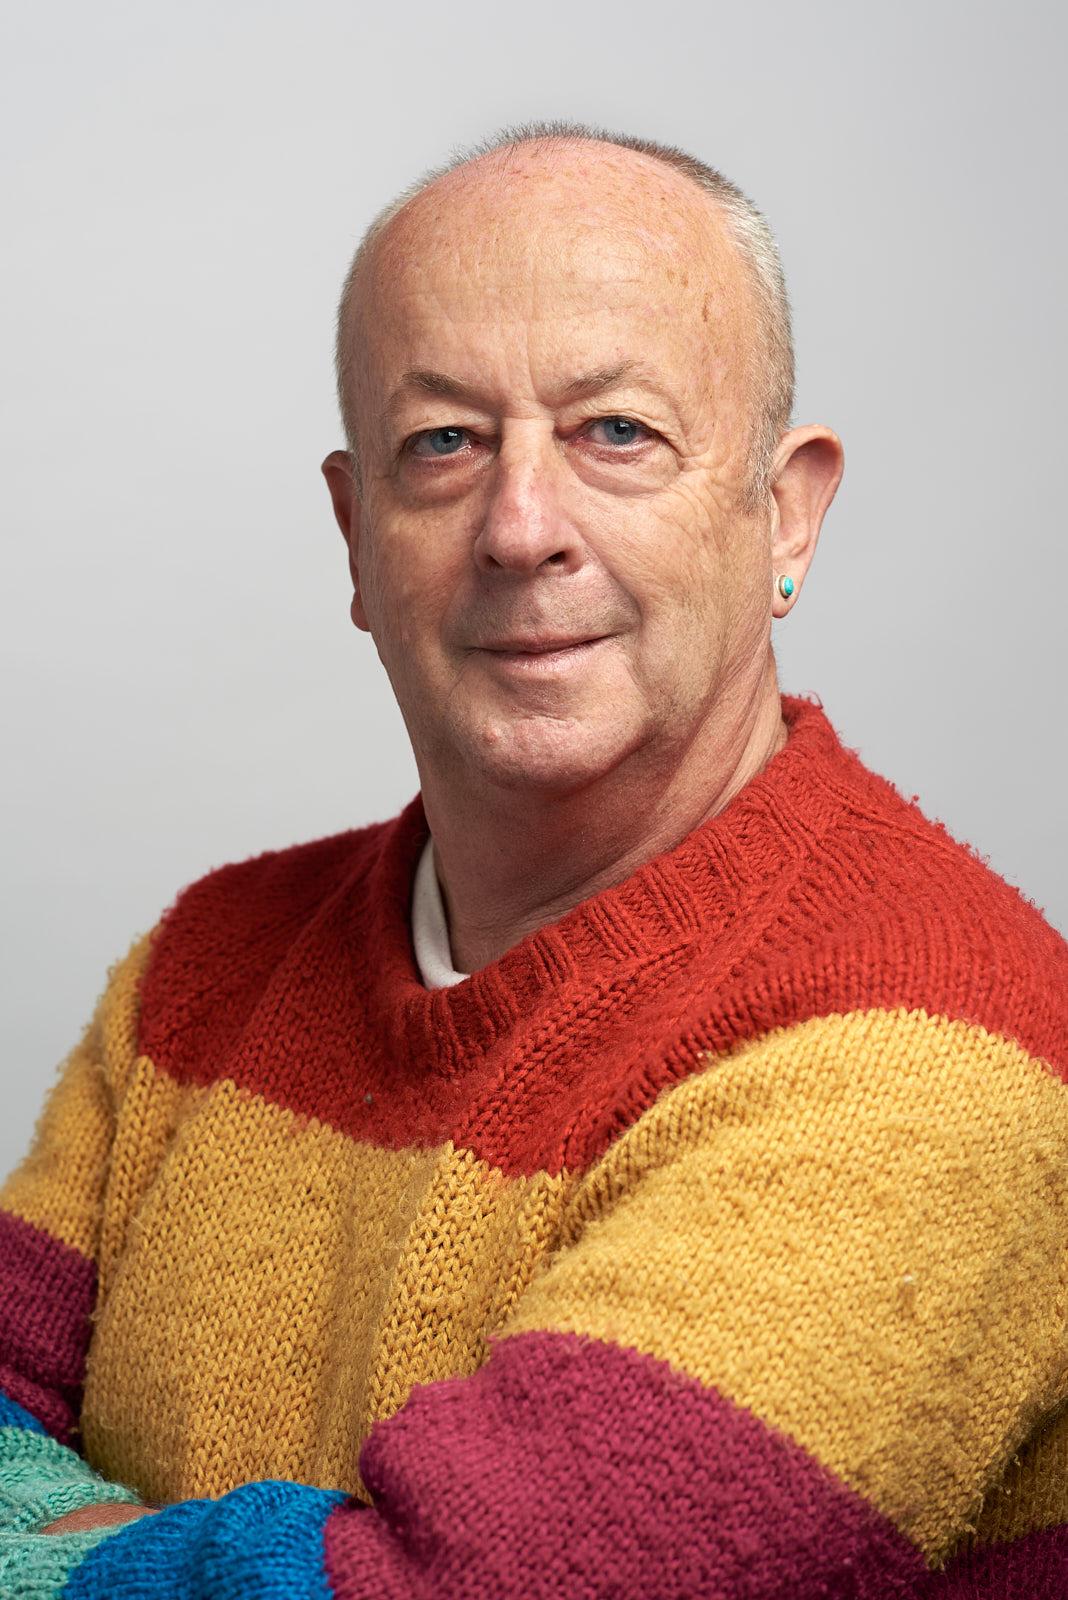 Manfred: Petrol Pump Attendant, Primary School Teacher (32 Years), Gardener/ Groundsman, Massage Therapist at Warburton Wellbeing.